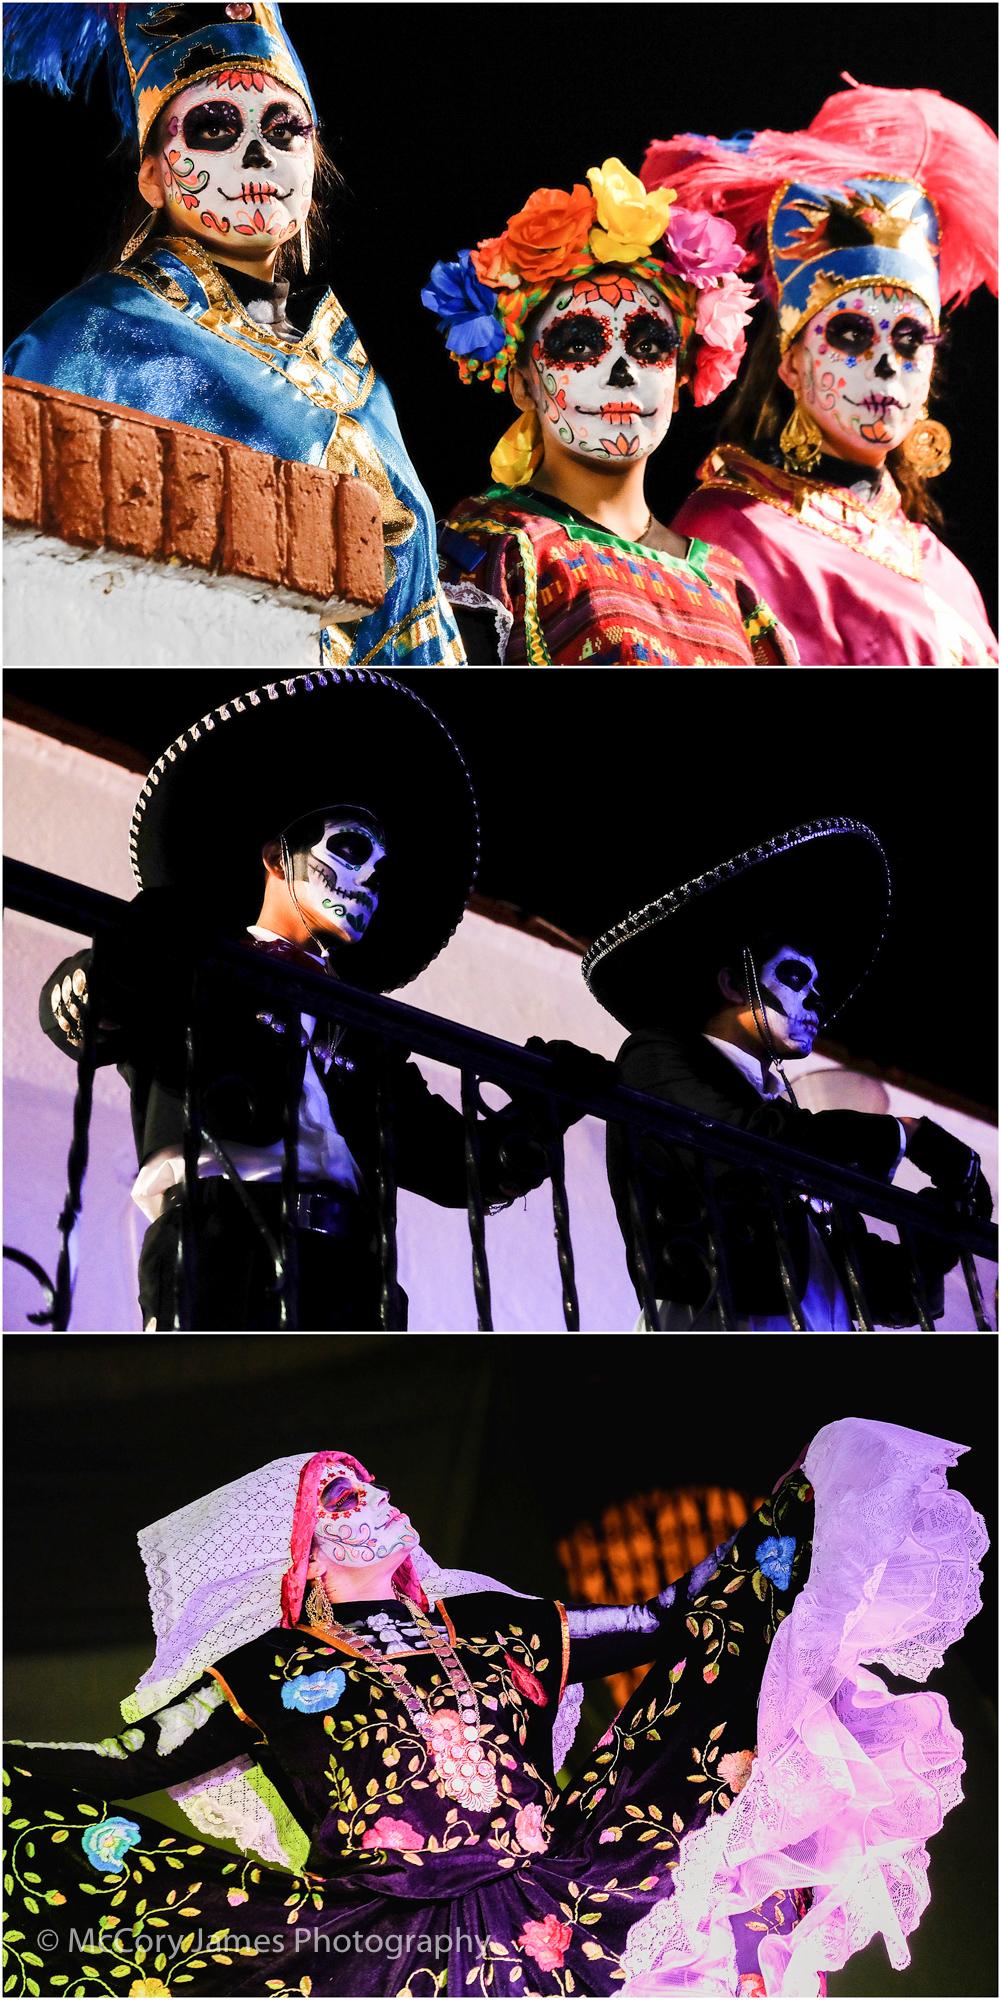 mexico dia muertos los mixquic dead ciudad xochimilco san elevatephotography